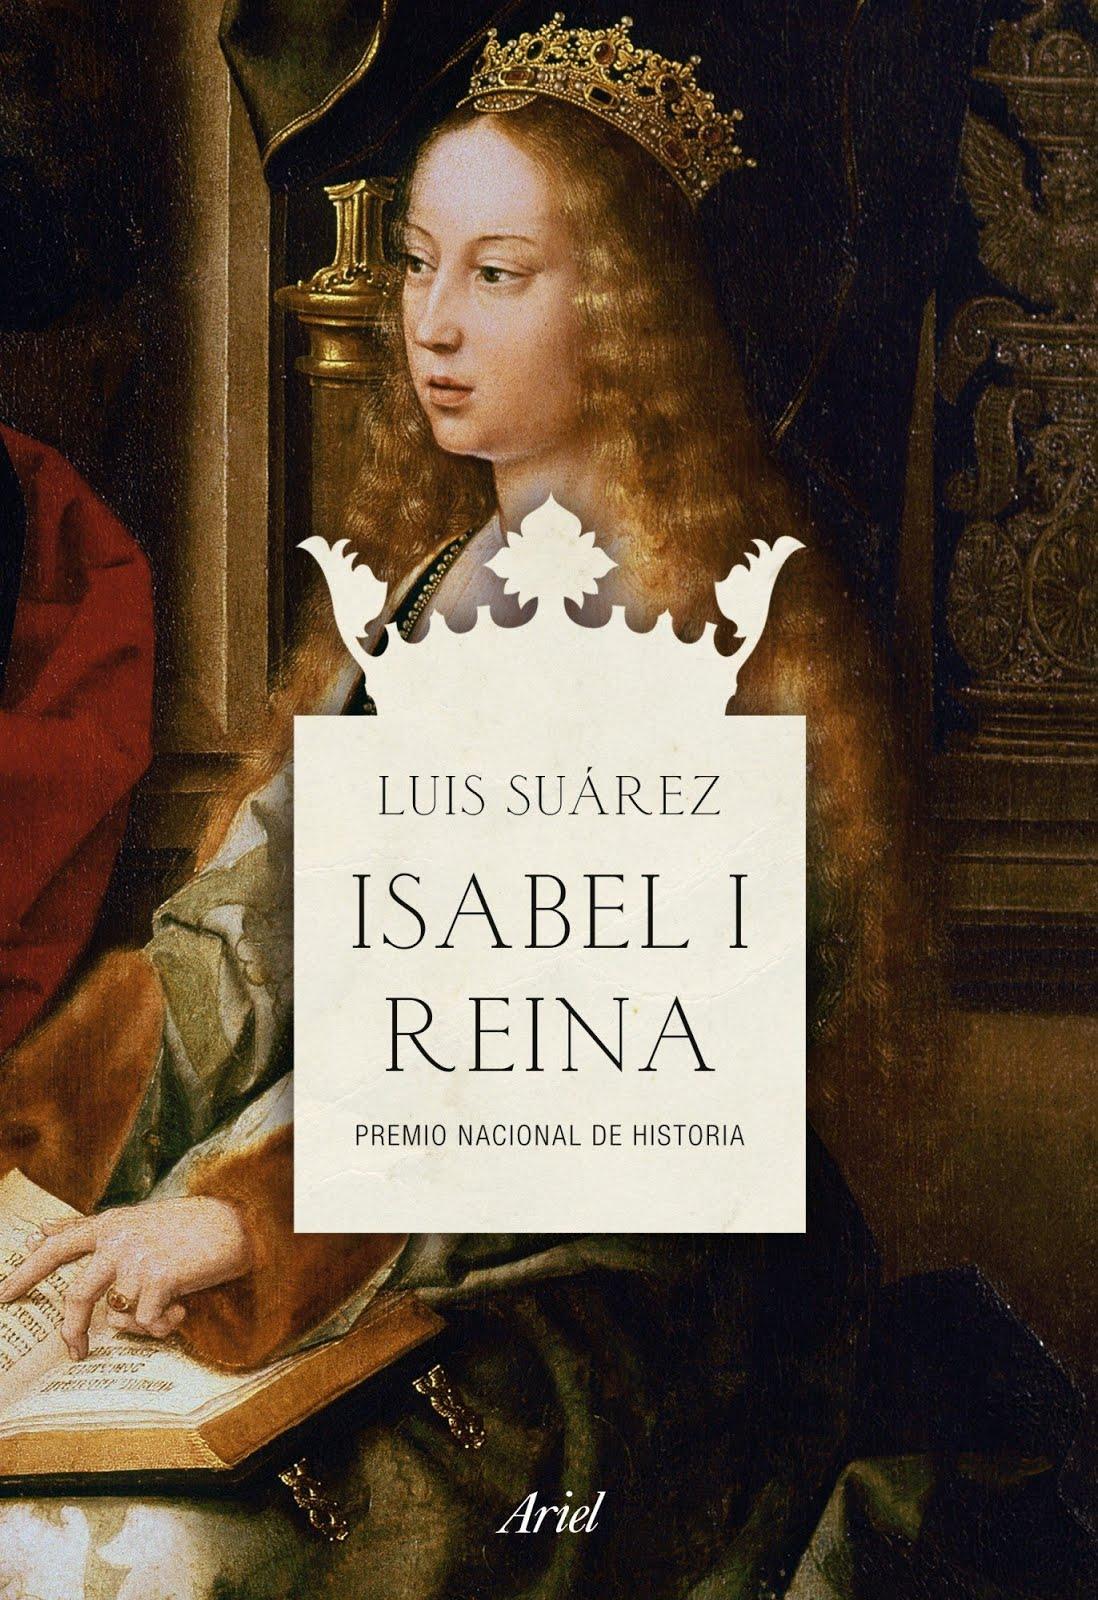 Isabel I Reina